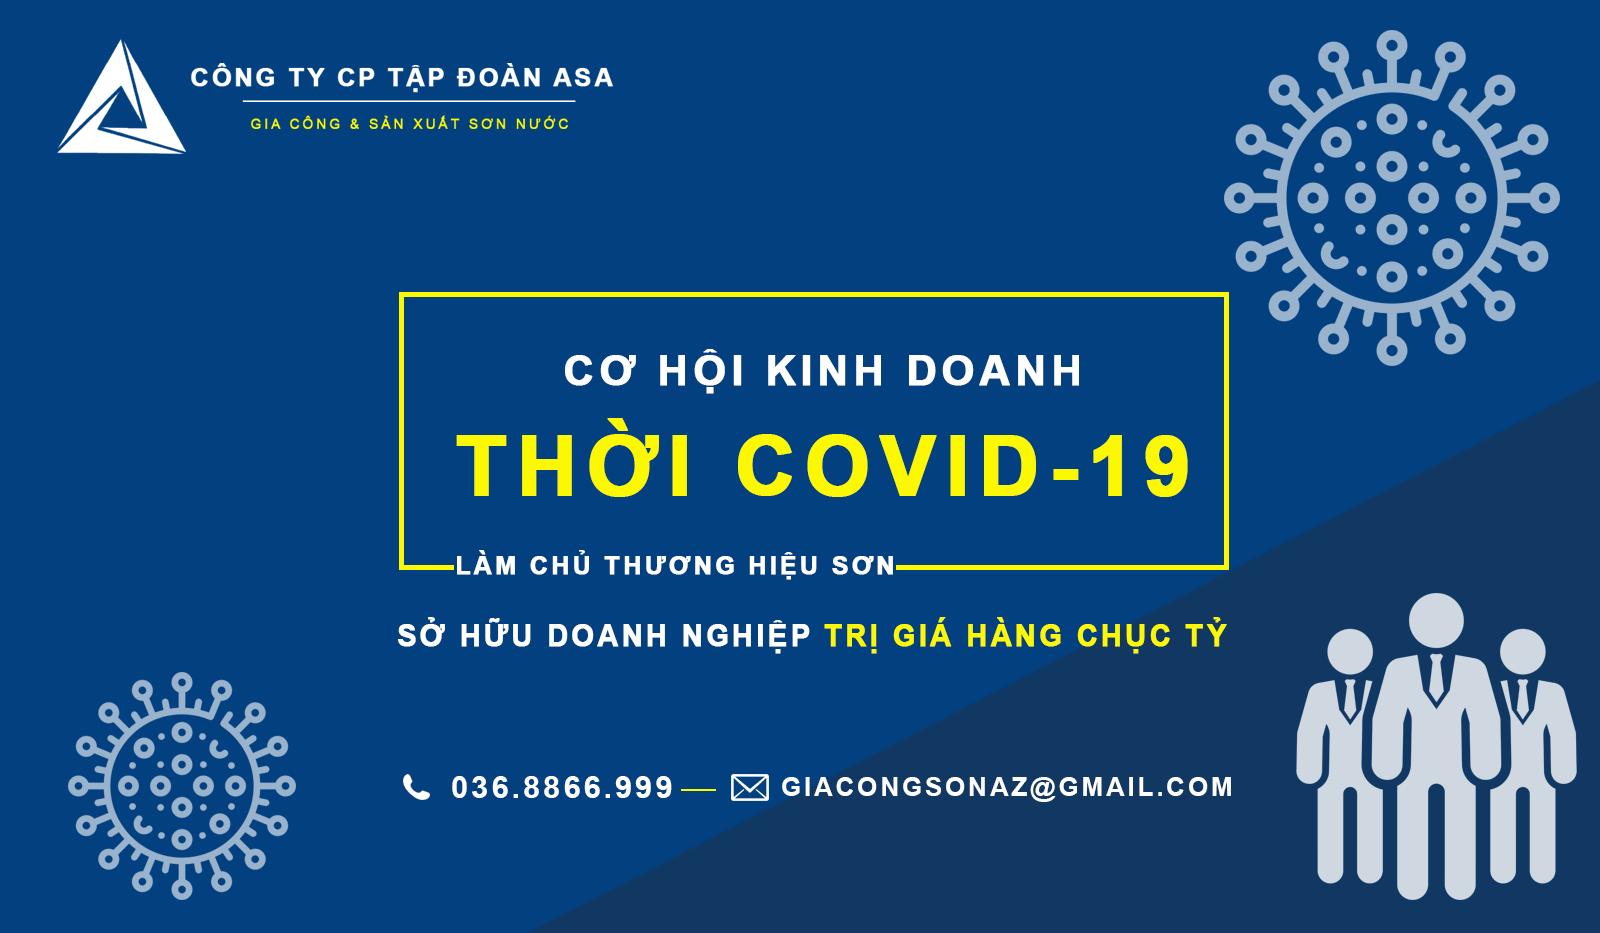 Cơ hội kinh doanh thời Covid-19 (Ý tưởng để làm giàu) | Kinhdoanh247.vn